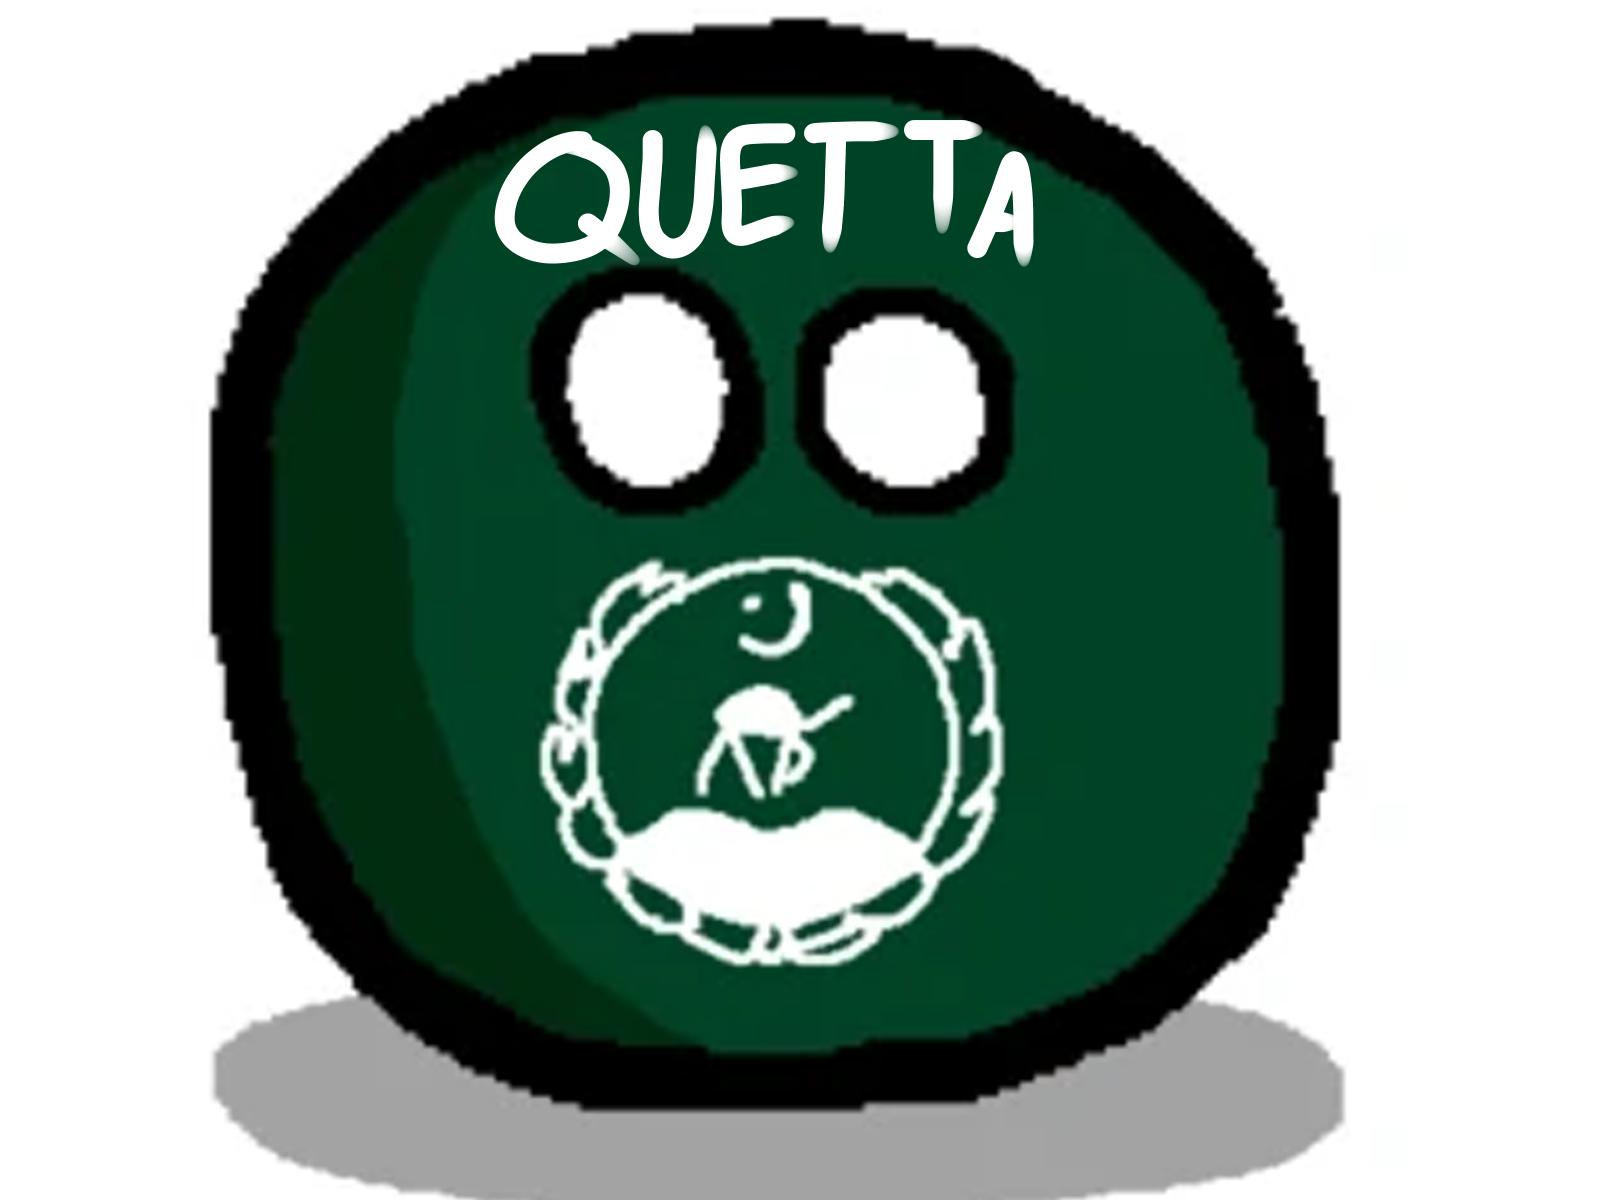 Quettaball